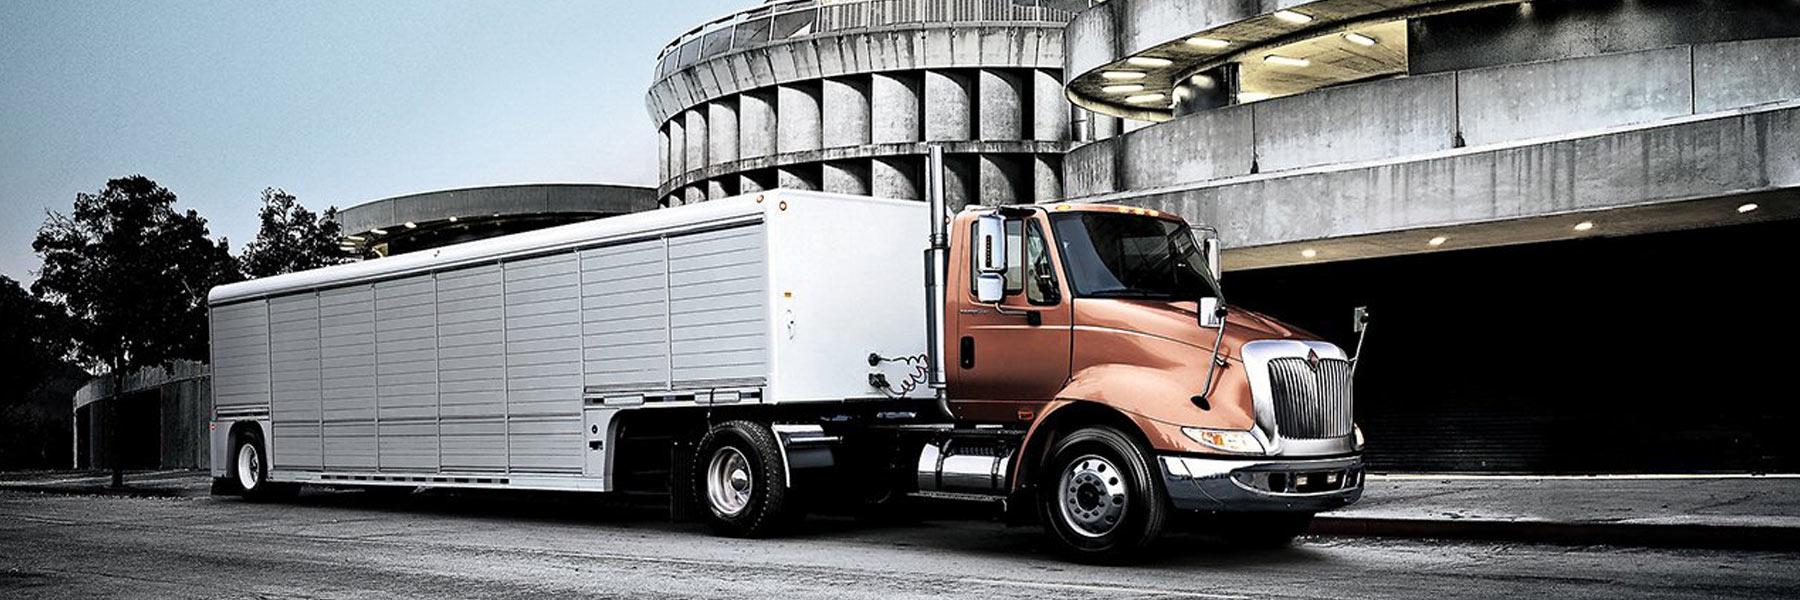 Transtar International Truck